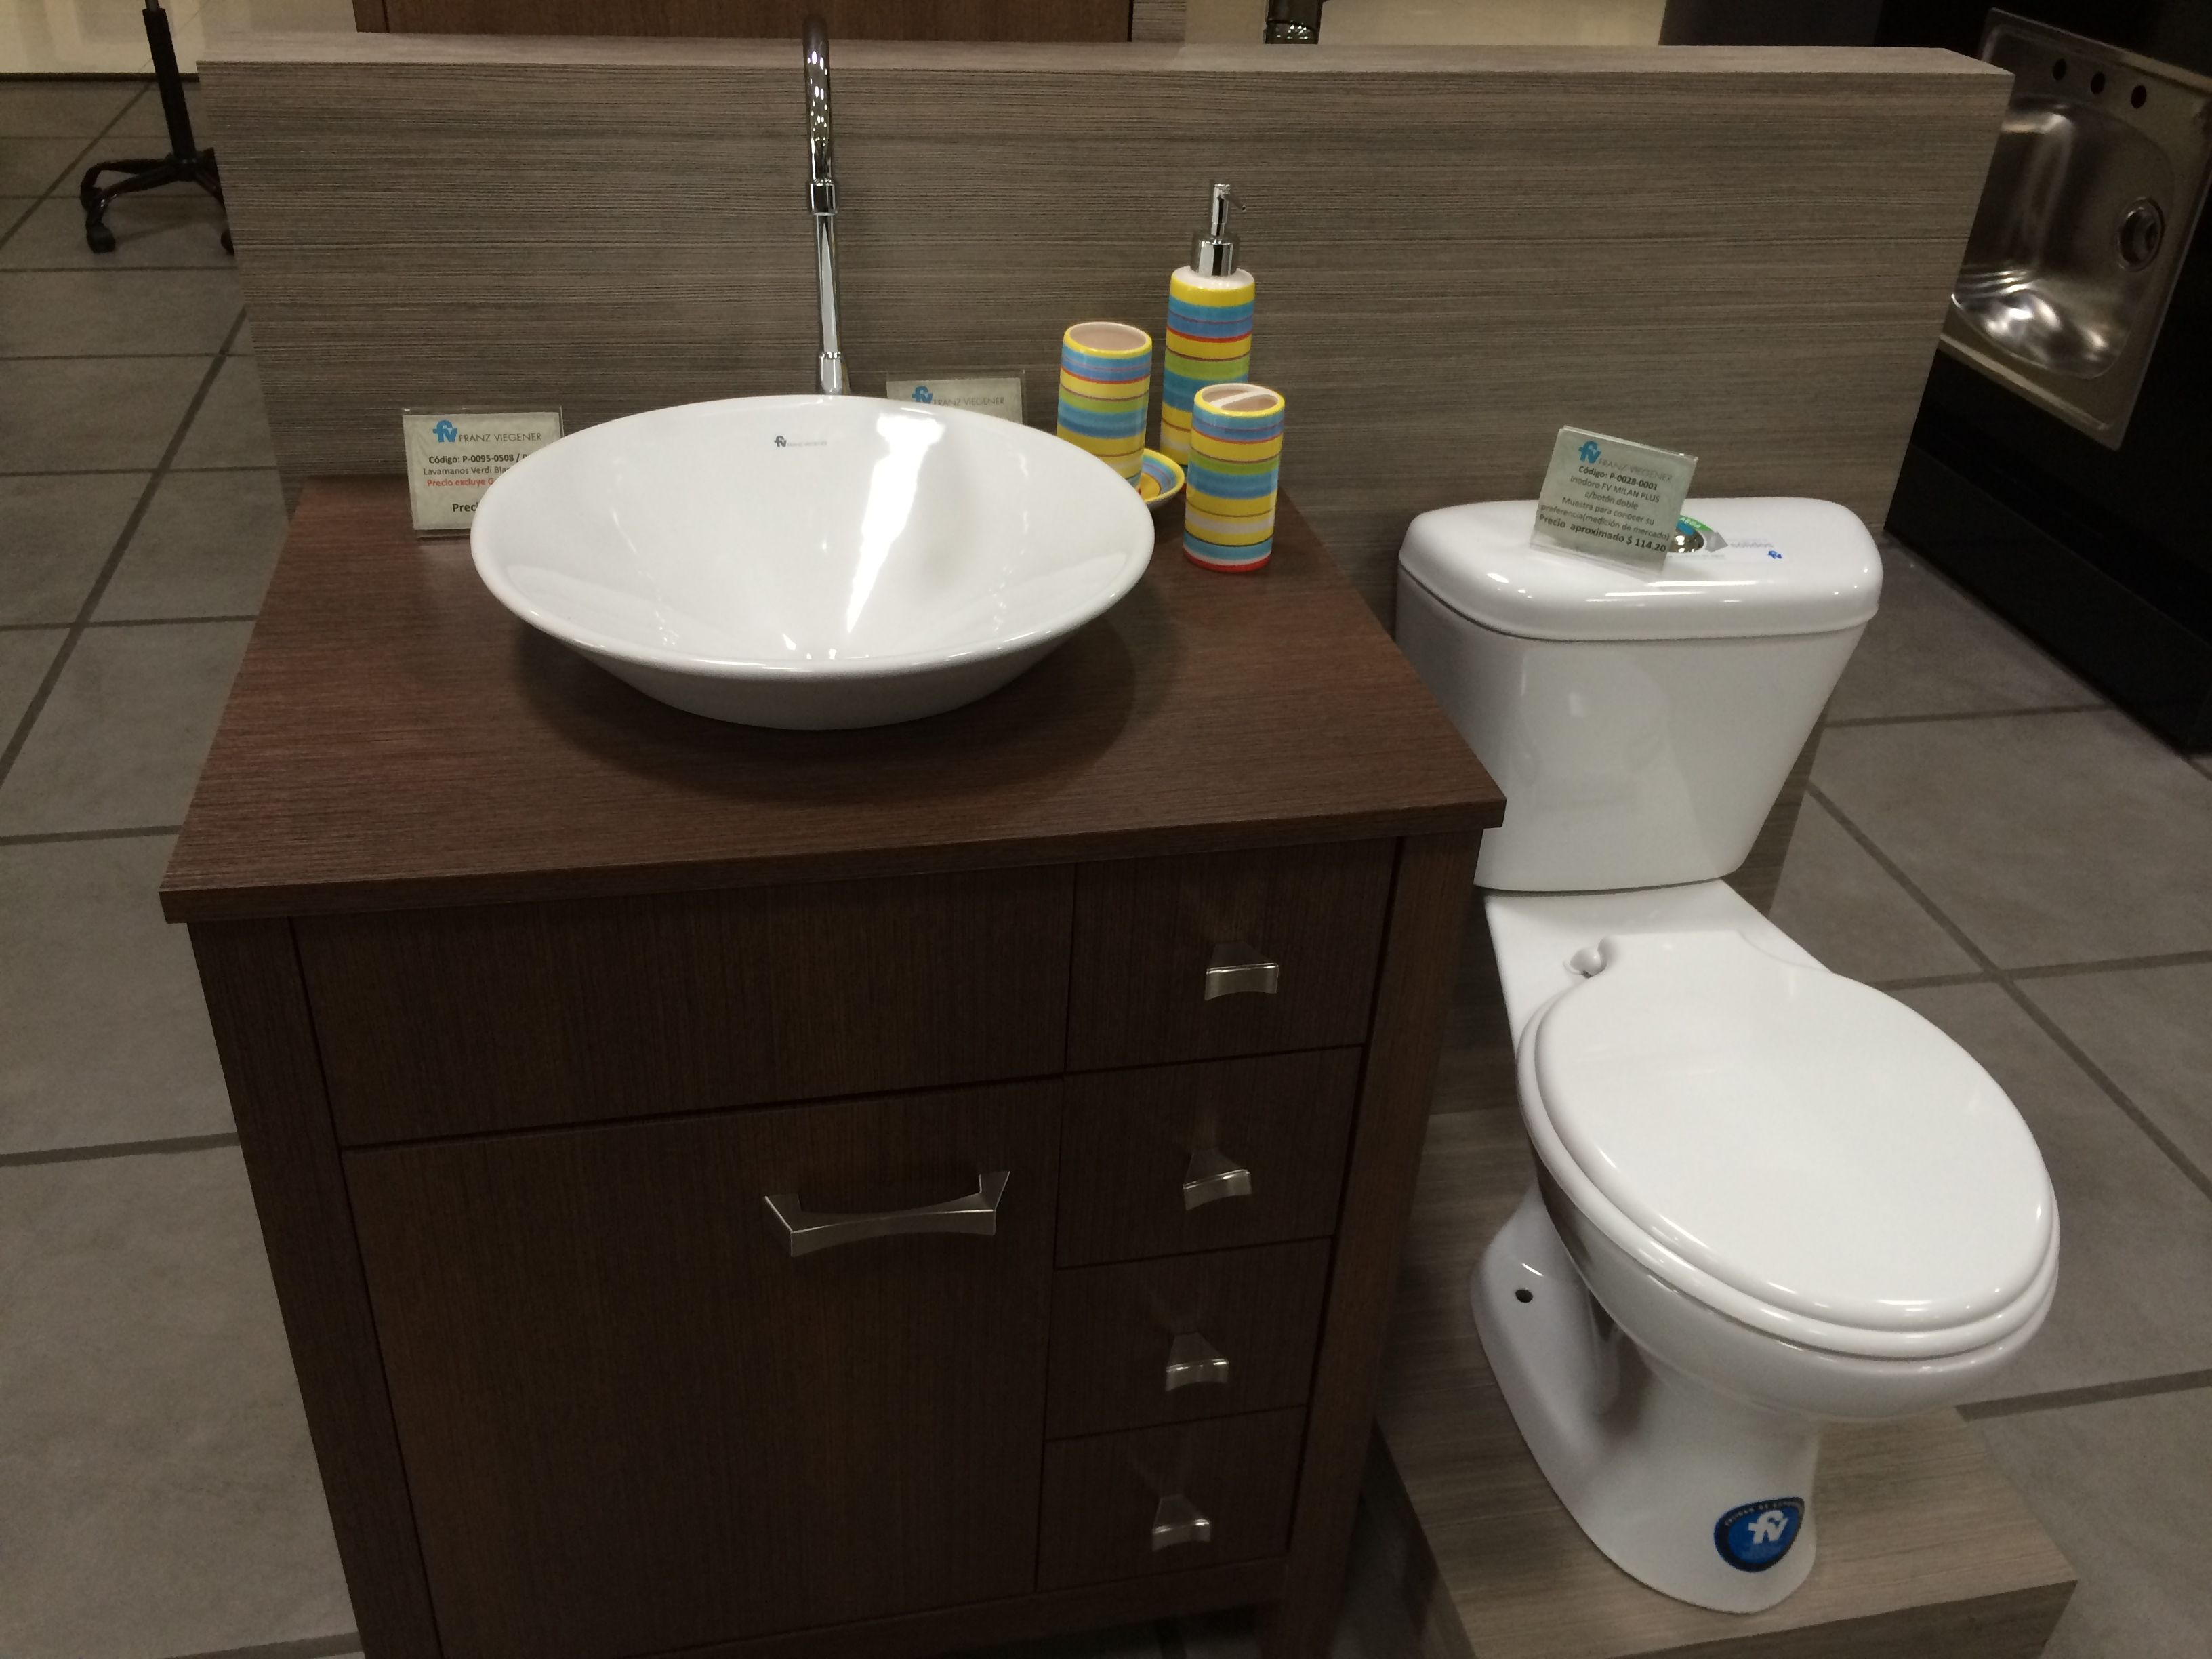 Otra idea de u moderno mueble de ba o adem s tandor ofrece inodoros y lavamanos de la - Inodoros pequenos ...